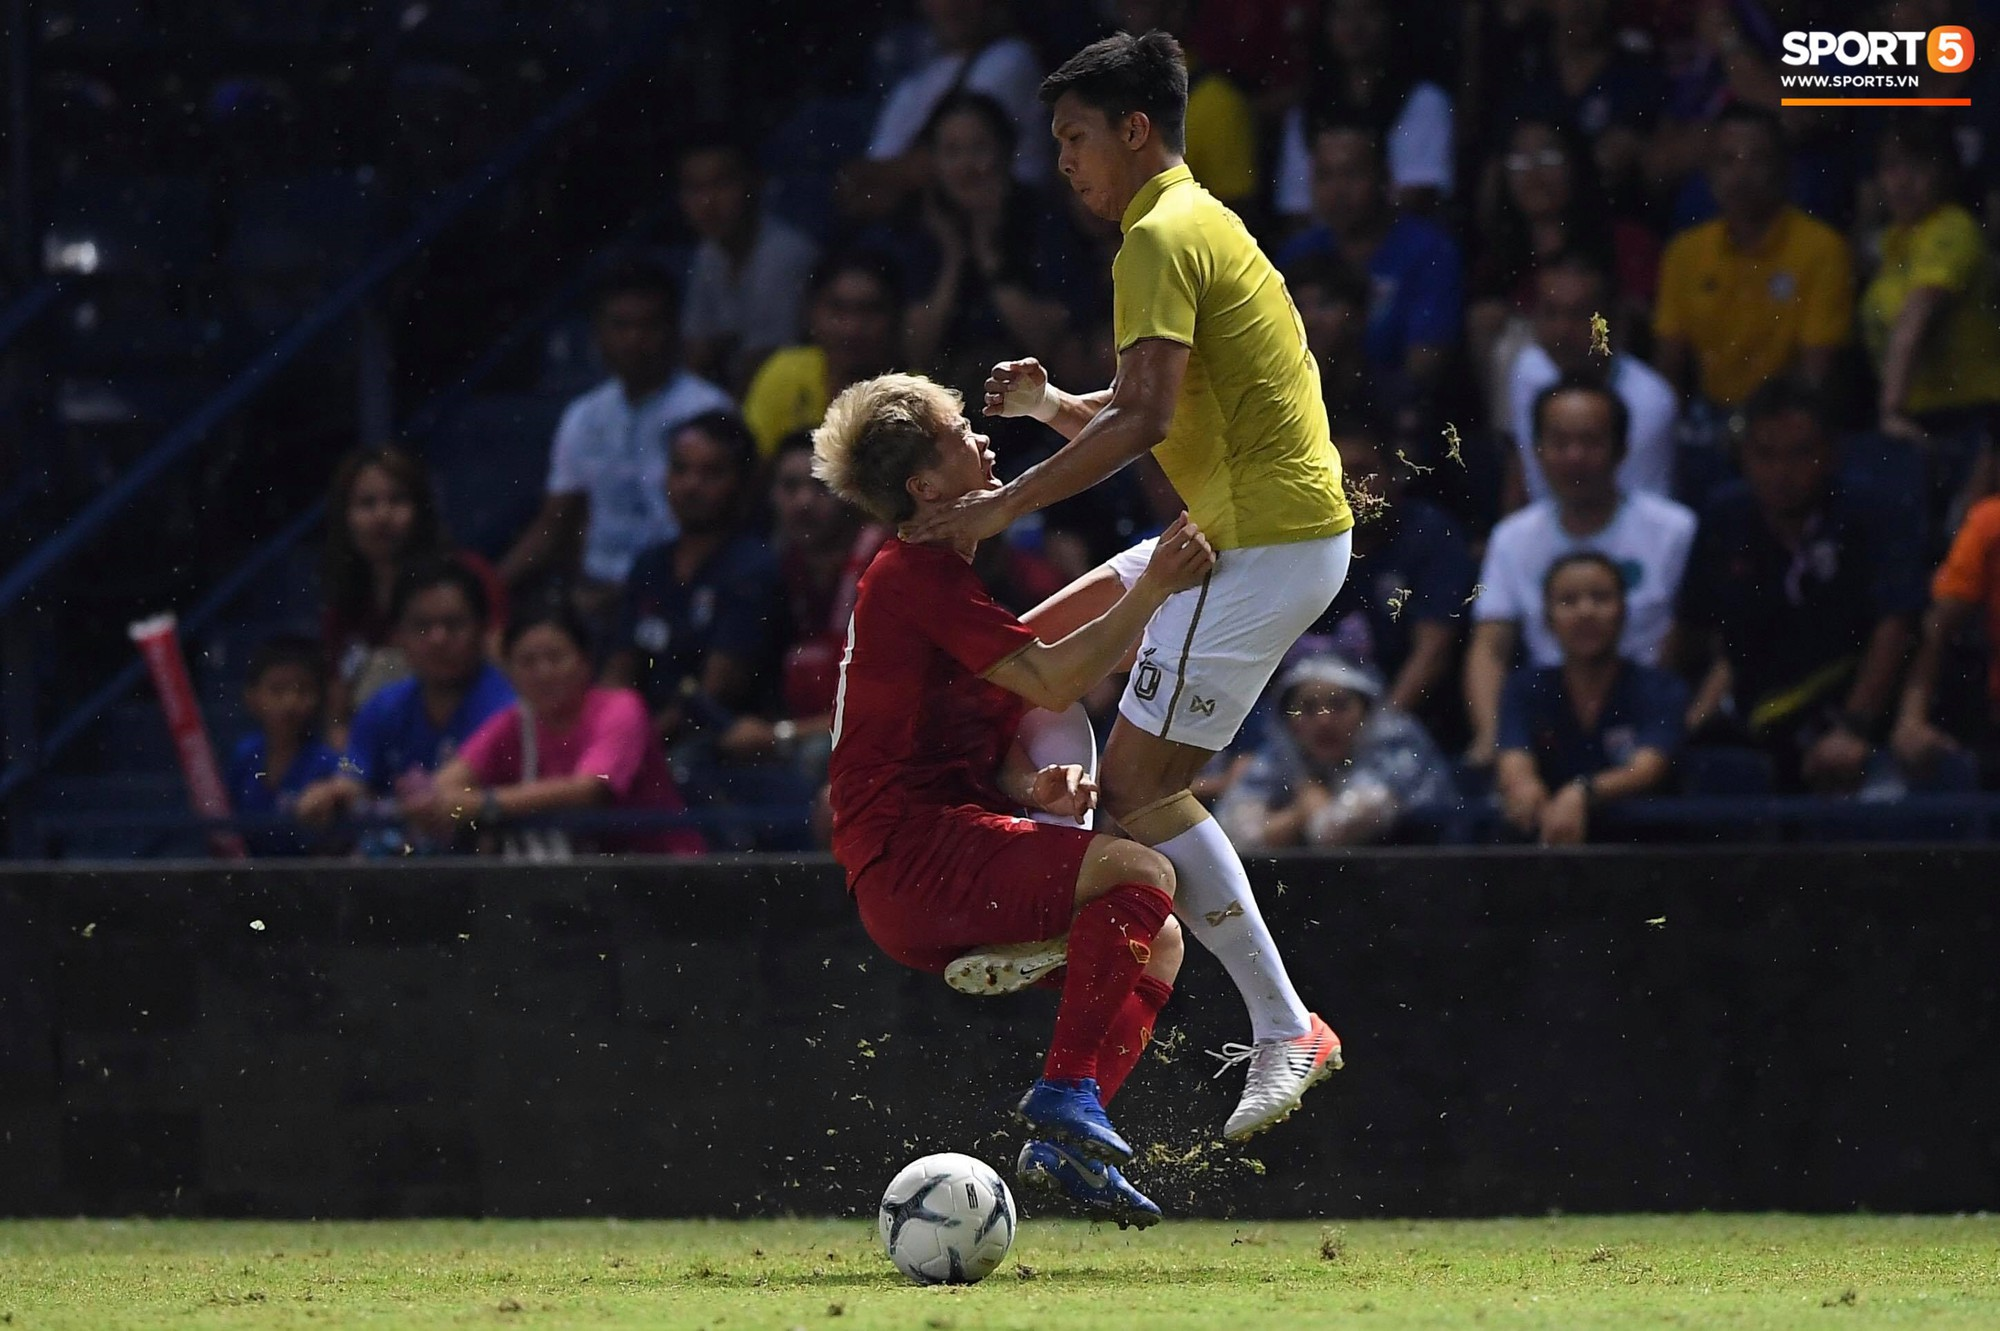 Công Phượng bị cầu thủ Thái Lan sút vào chỗ hiểm - Ảnh 4.